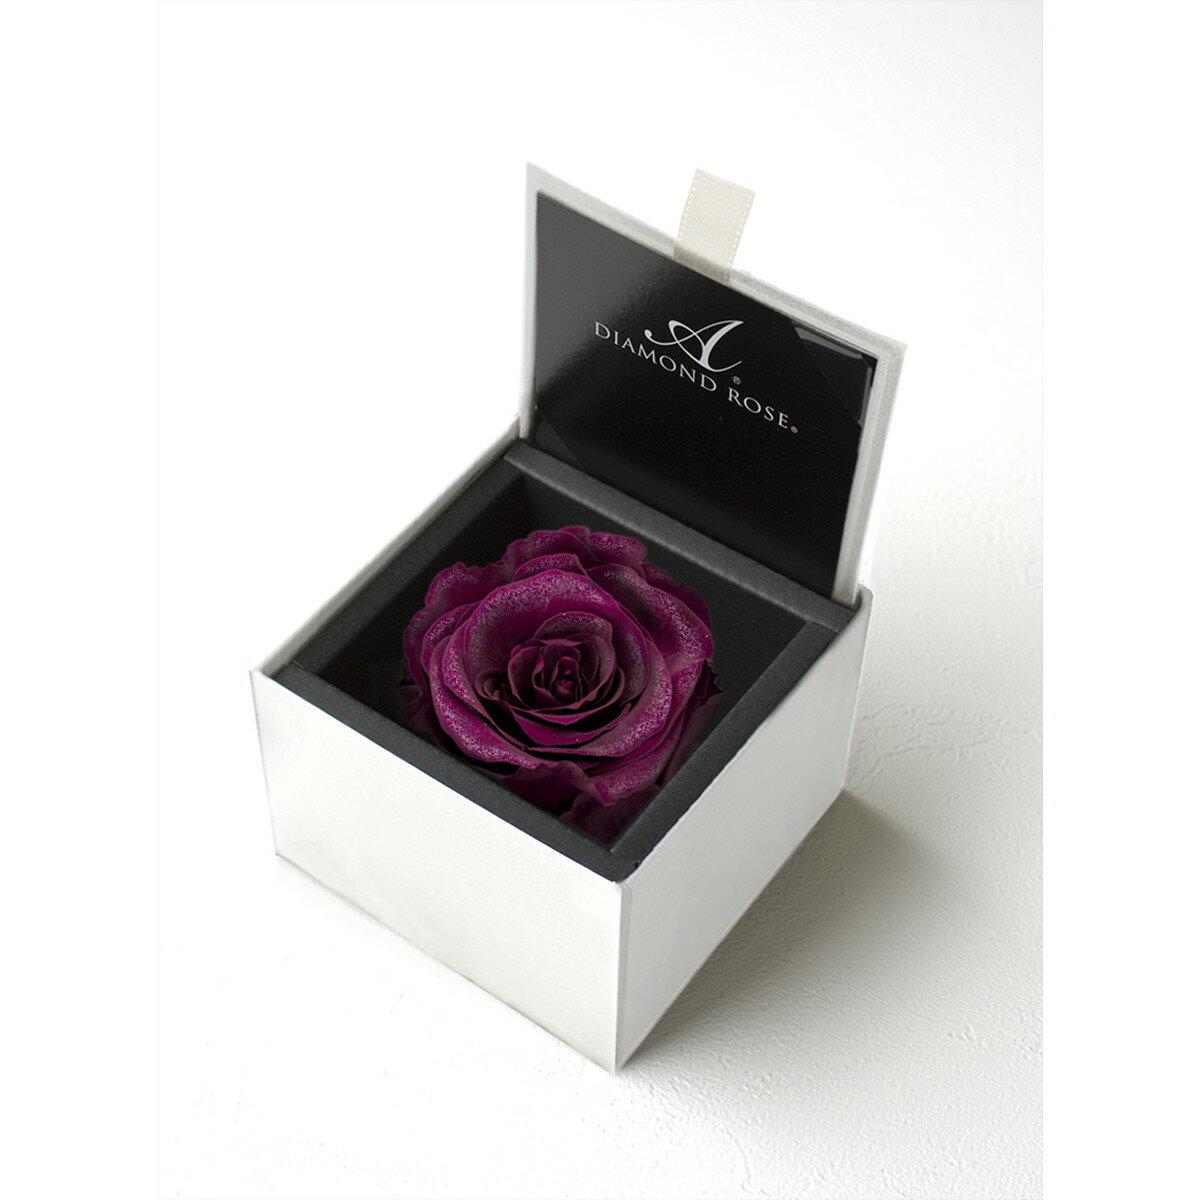 【プリザーブド】アモローサ/ダイヤモンドローズボックス 85(箱:ホワイト) リッチプラム/1203-52【01】【07】【取寄】[6箱]《 プリザーブドフラワー プリザーブドフラワー花材 バラ(ローズ) 》